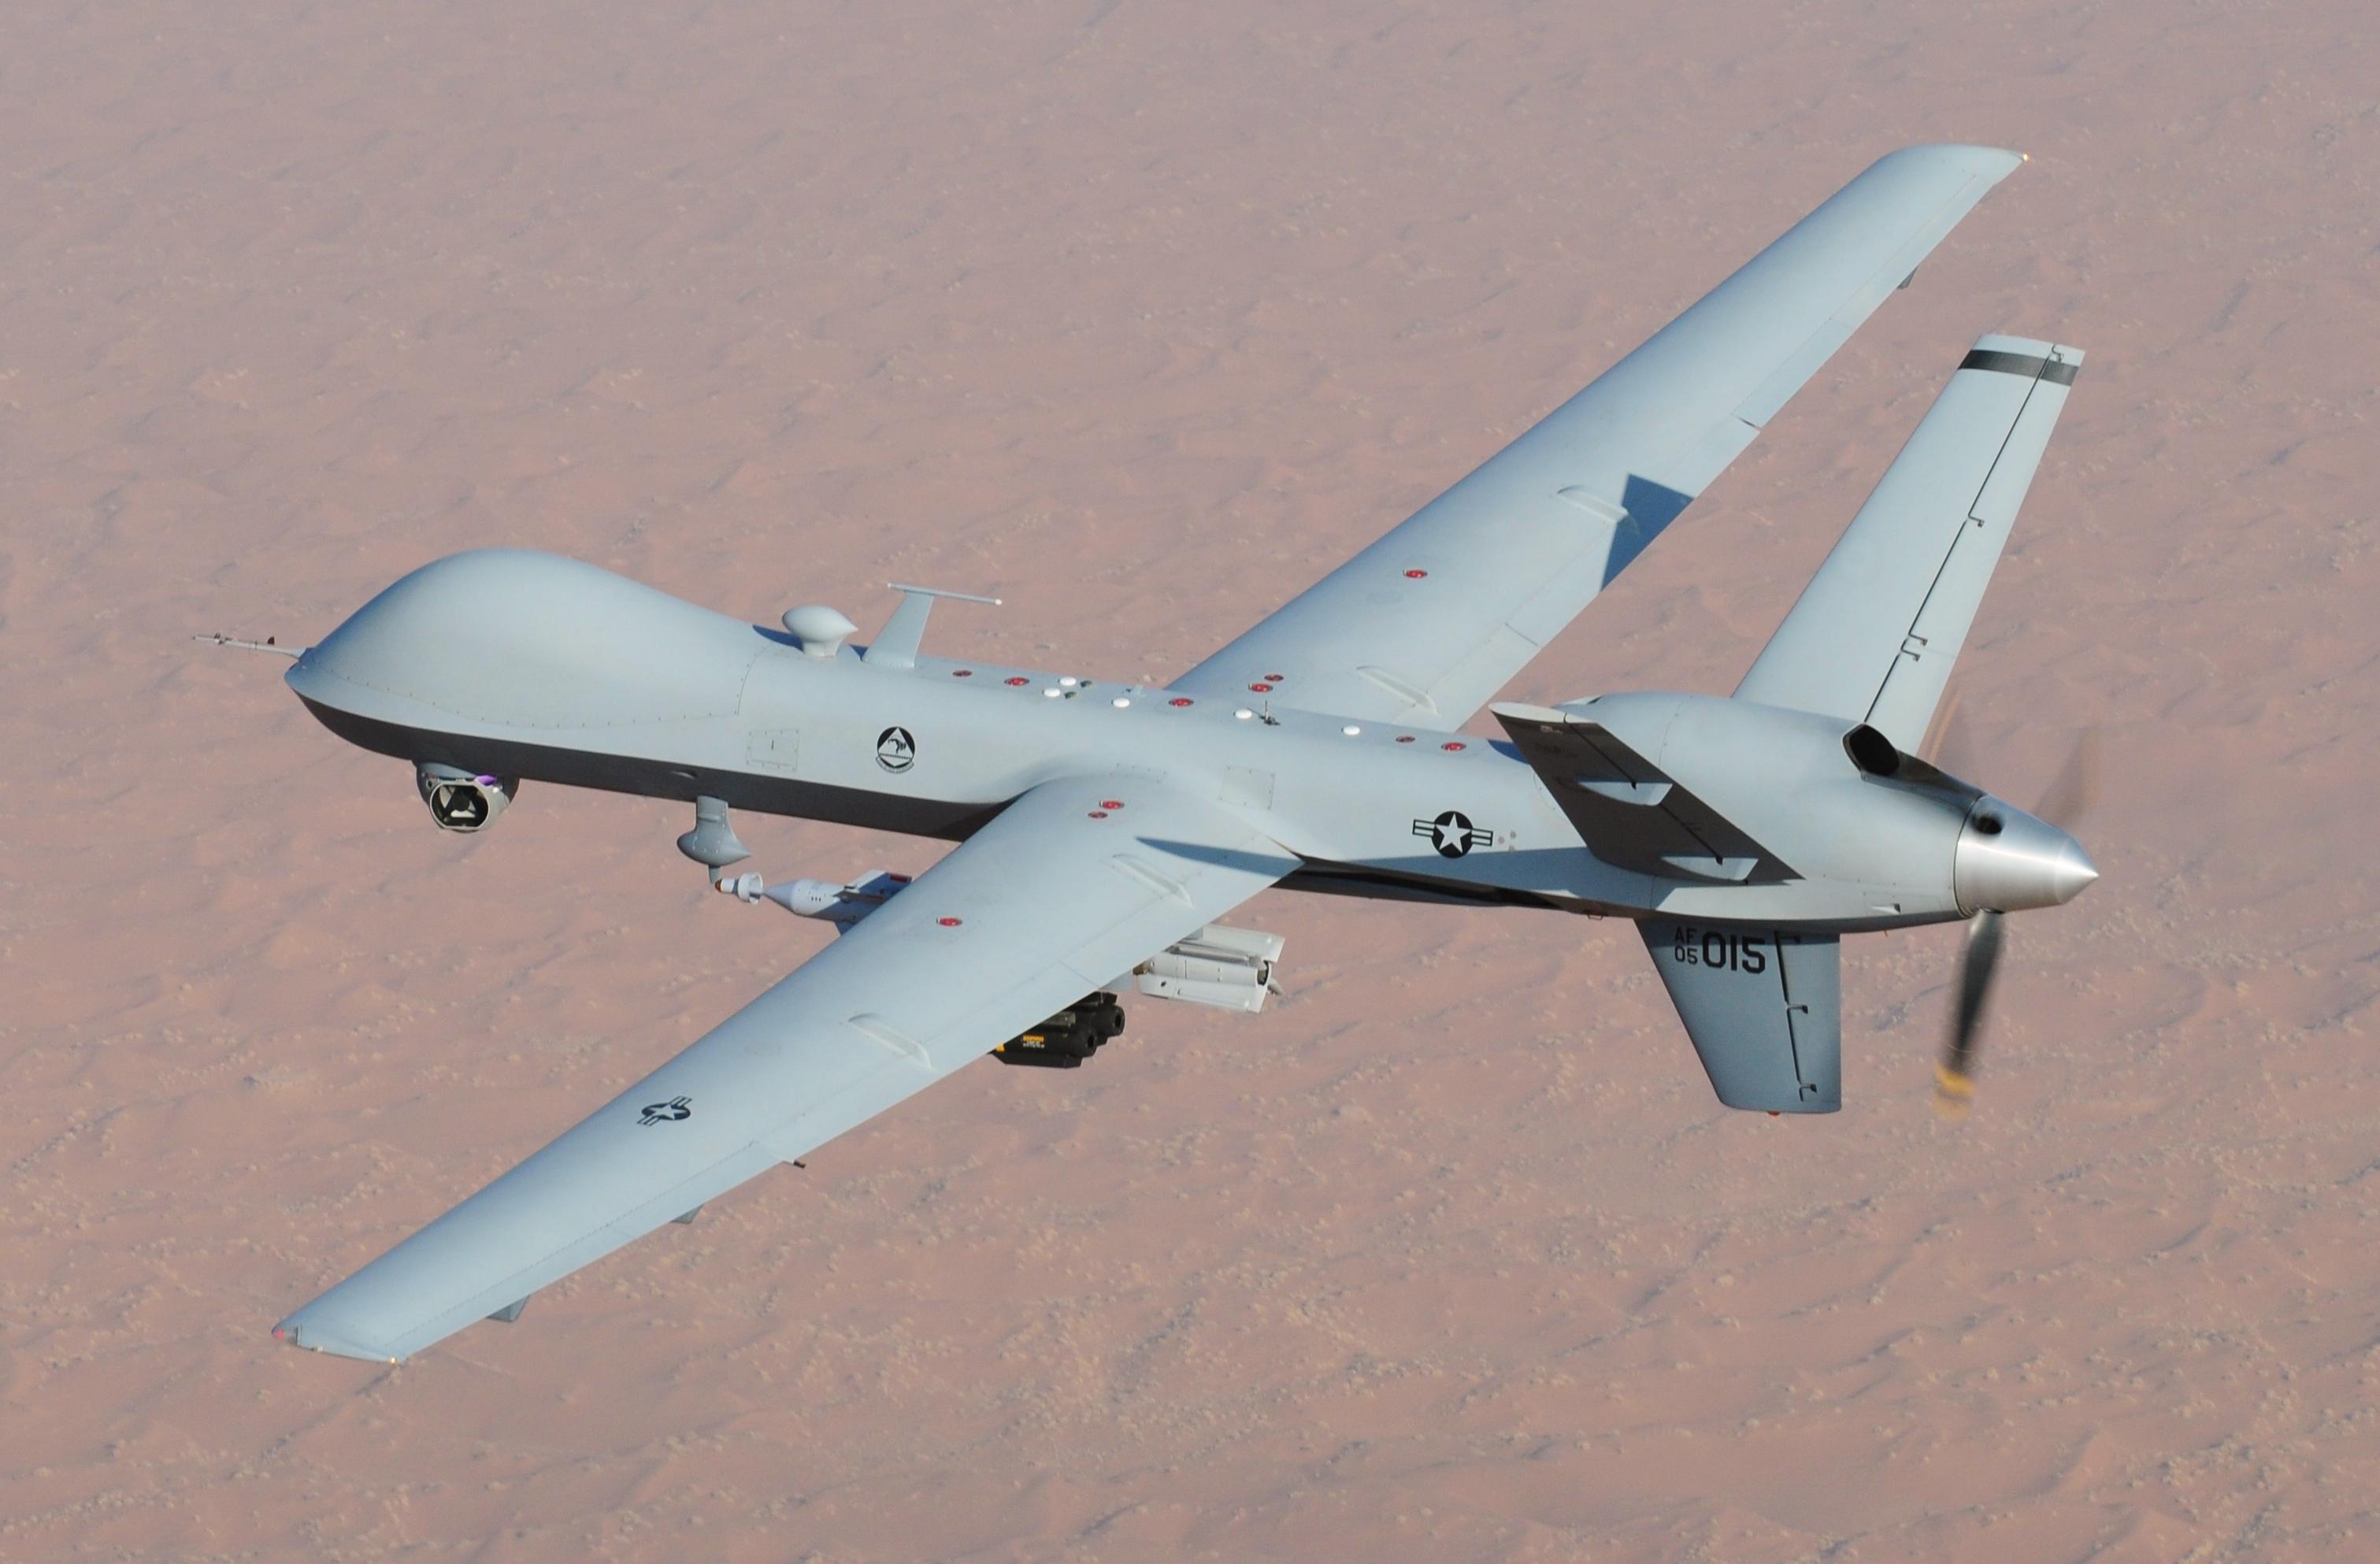 خودرو سردار سلیمانی با شلیک یک پهپاد شکارچی آمریکایی به نام  MQ-9 Reaper هدف قرار گرفت.